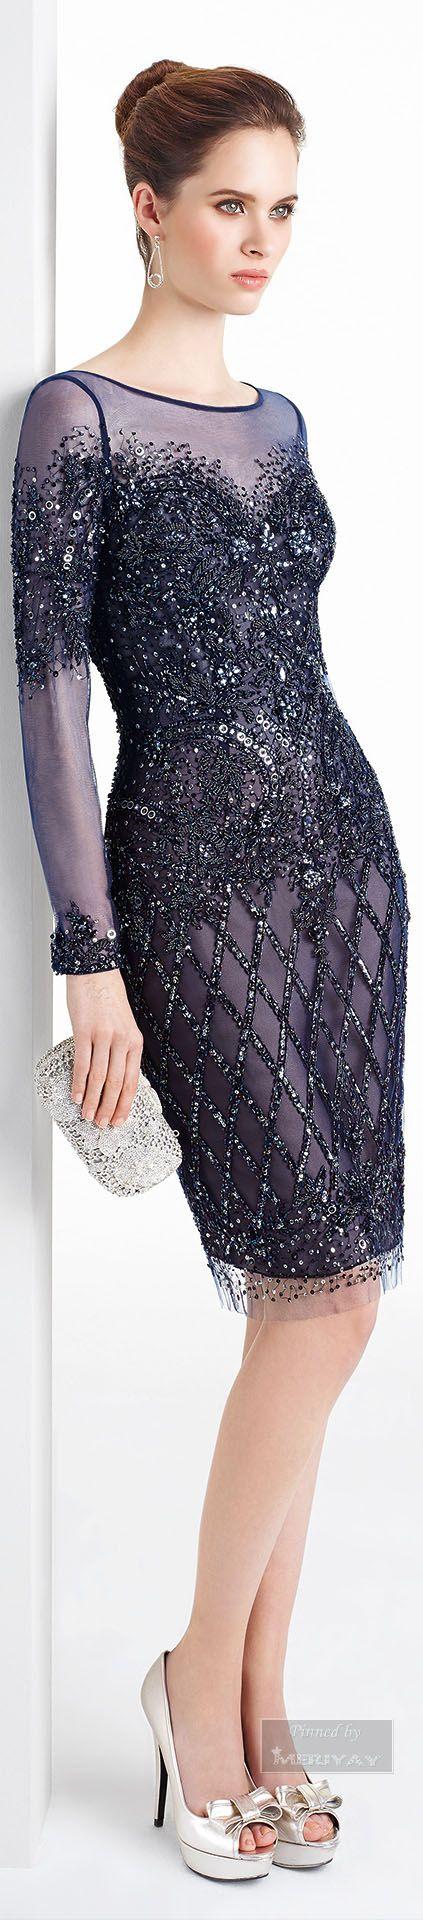 Perfecta¡¡ MUAC | ropa | Pinterest | Vestiditos, Perfecta y Vestidos ...